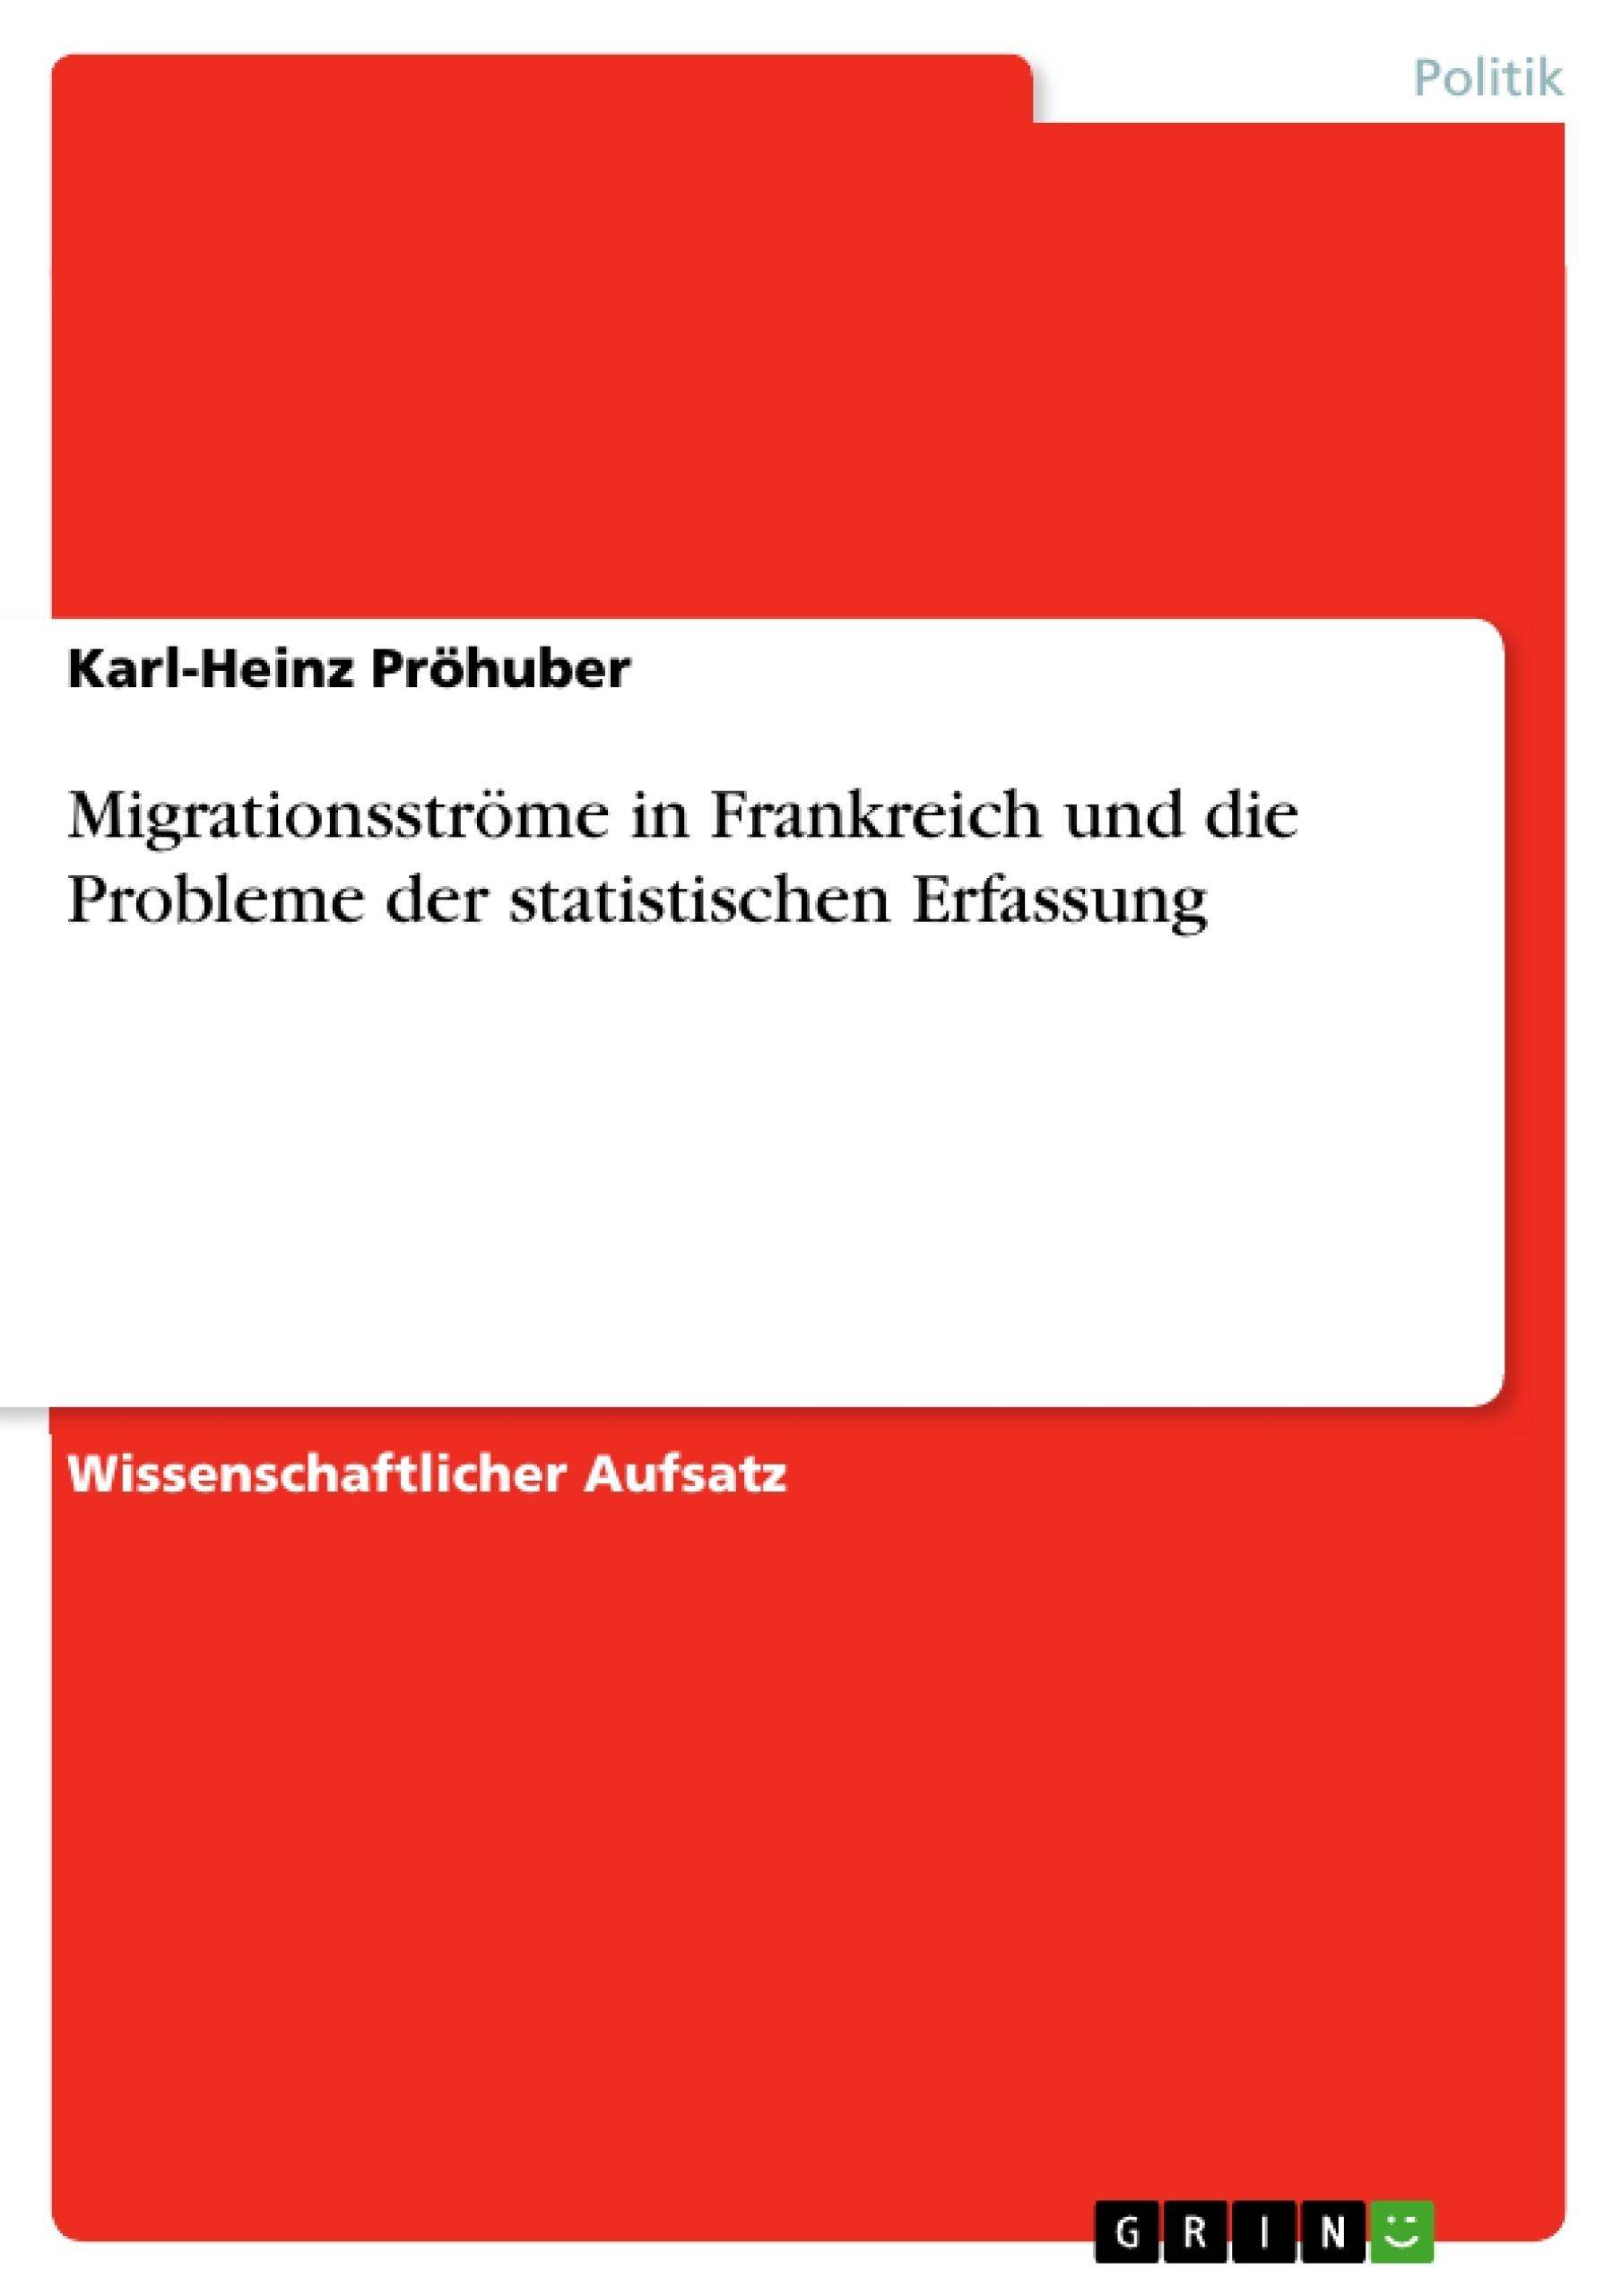 Titel: Migrationsströme in Frankreich und die Probleme der statistischen Erfassung